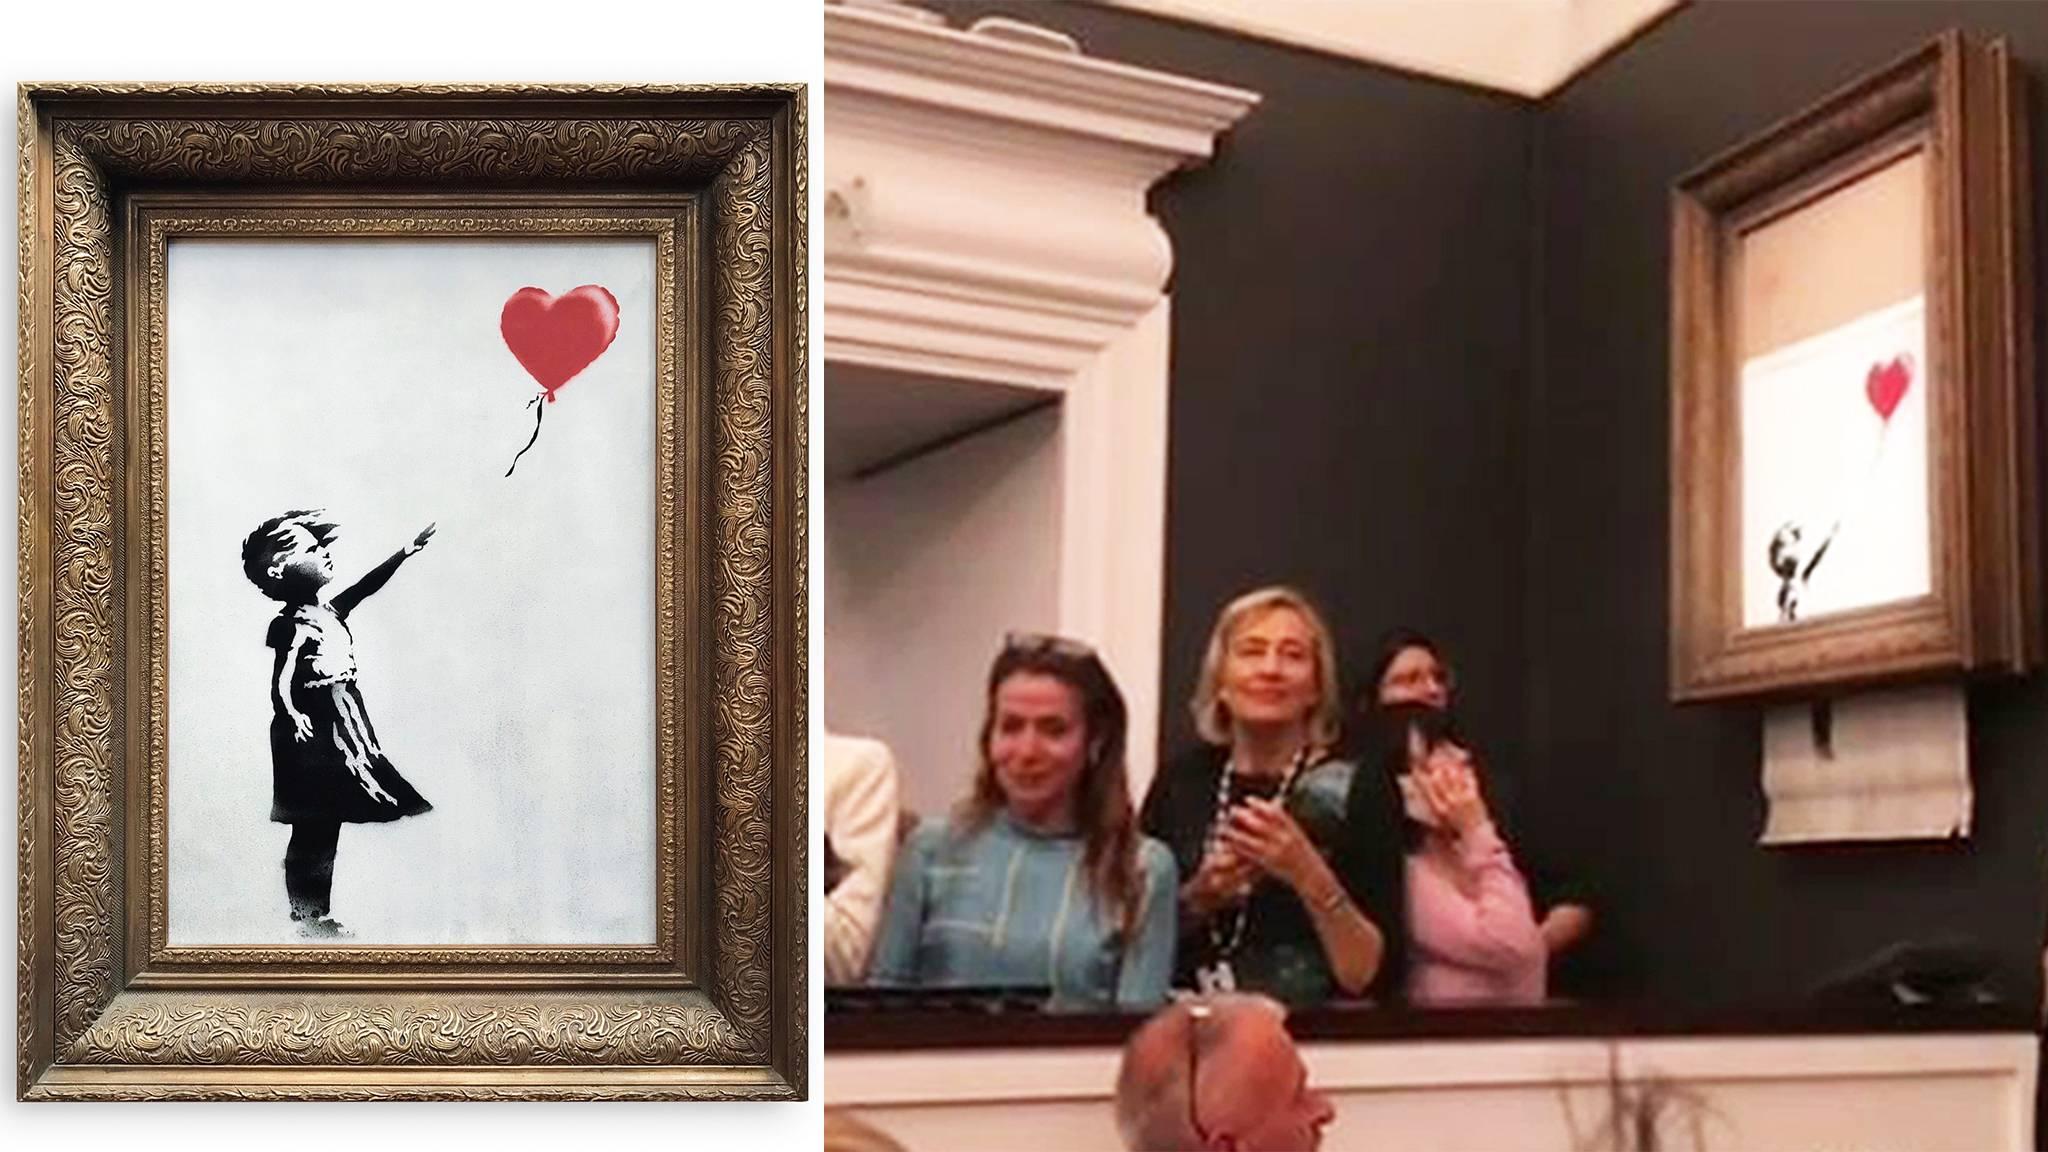 259e658fdb666f Sotheby s  Banksy-Bild schreddert sich nach Auktion selbst – Künstler  meldet sich zu Wort